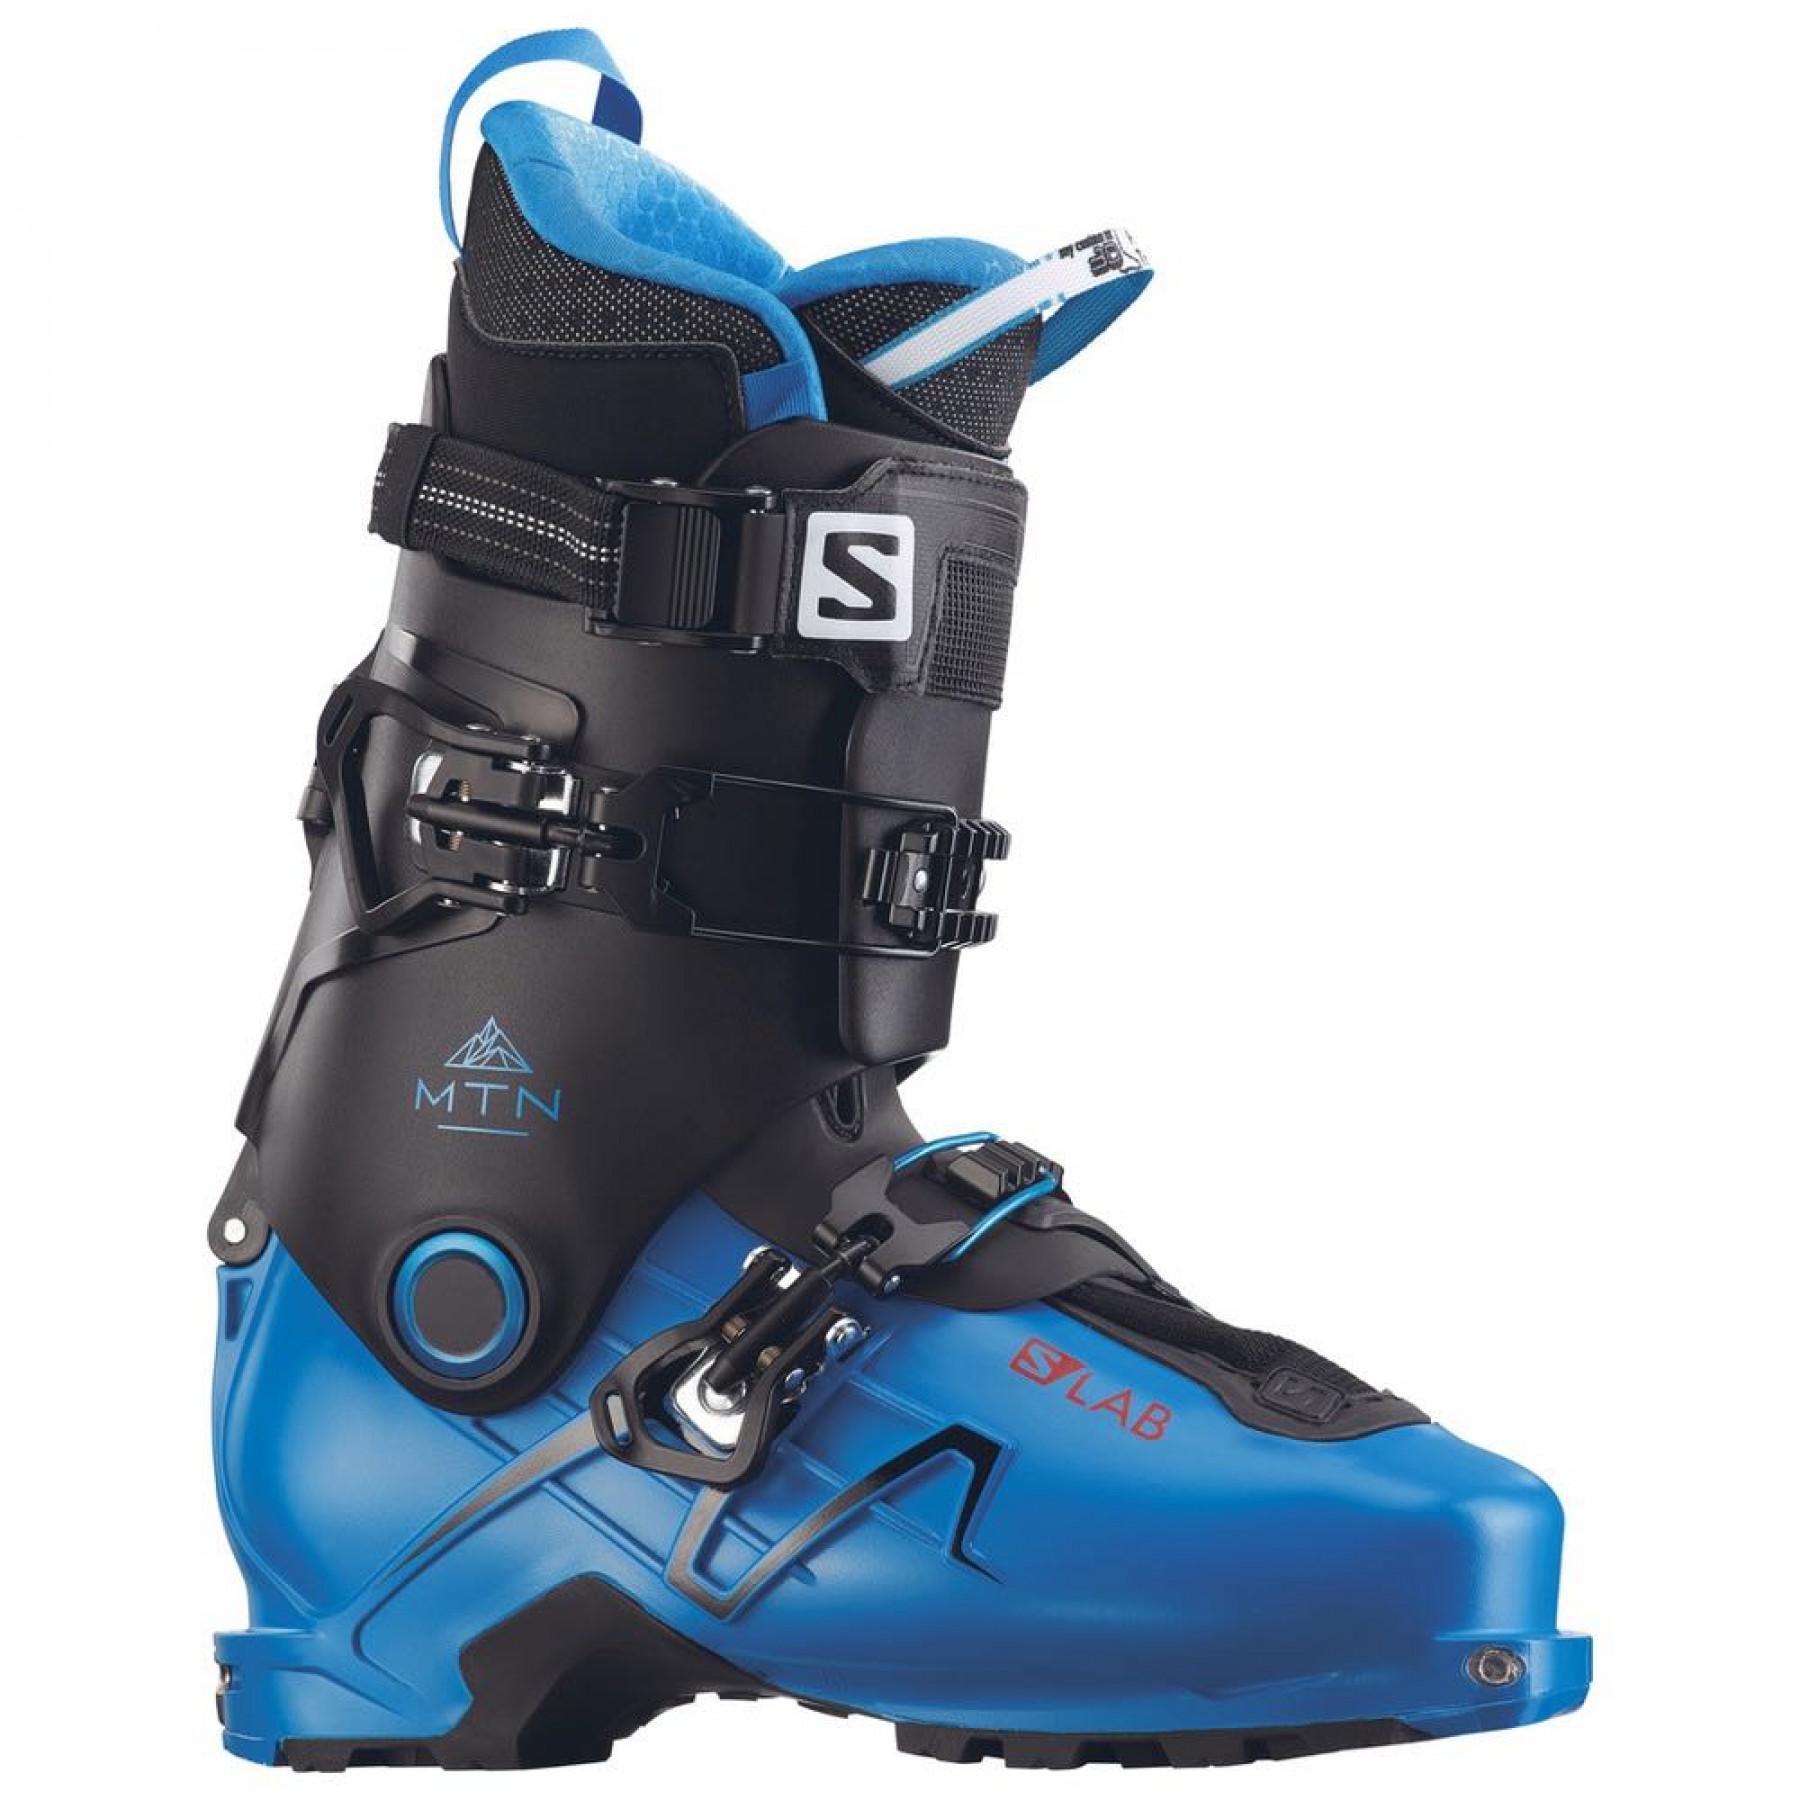 74a72eeb Salomon S/Lab Mtn Transcend Blue/Black | Fjellsport.no